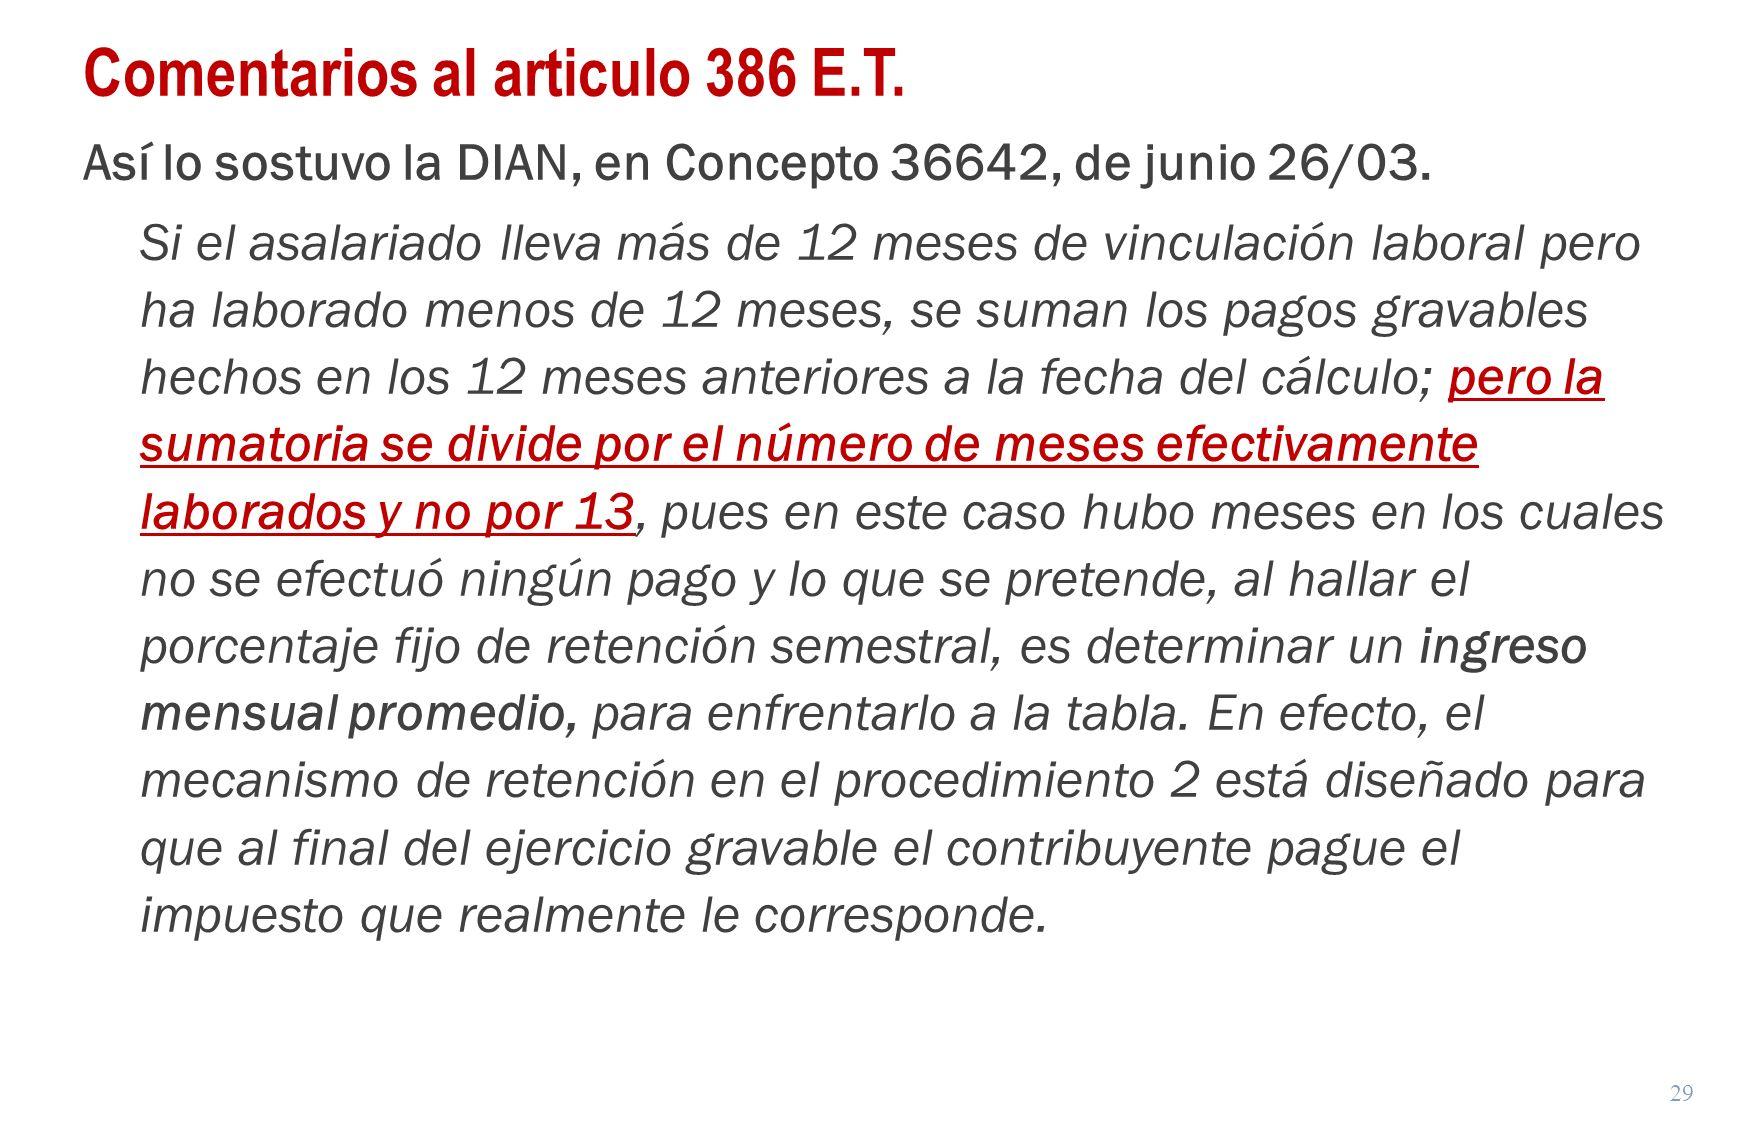 29 Comentarios al articulo 386 E.T. Así lo sostuvo la DIAN, en Concepto 36642, de junio 26/03. Si el asalariado lleva más de 12 meses de vinculación l